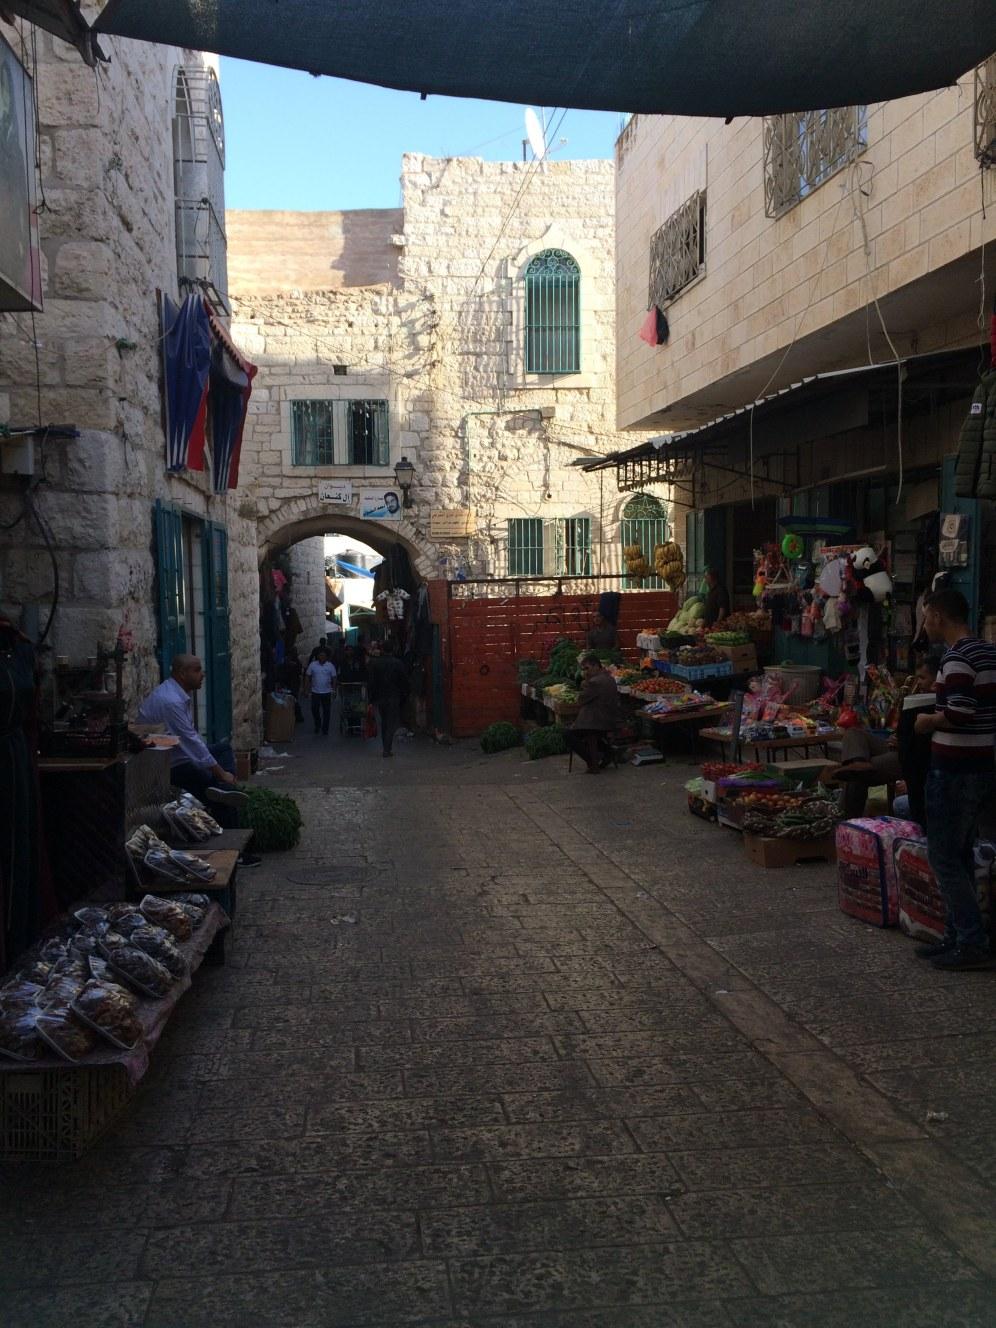 De oude markt van Bethlehem